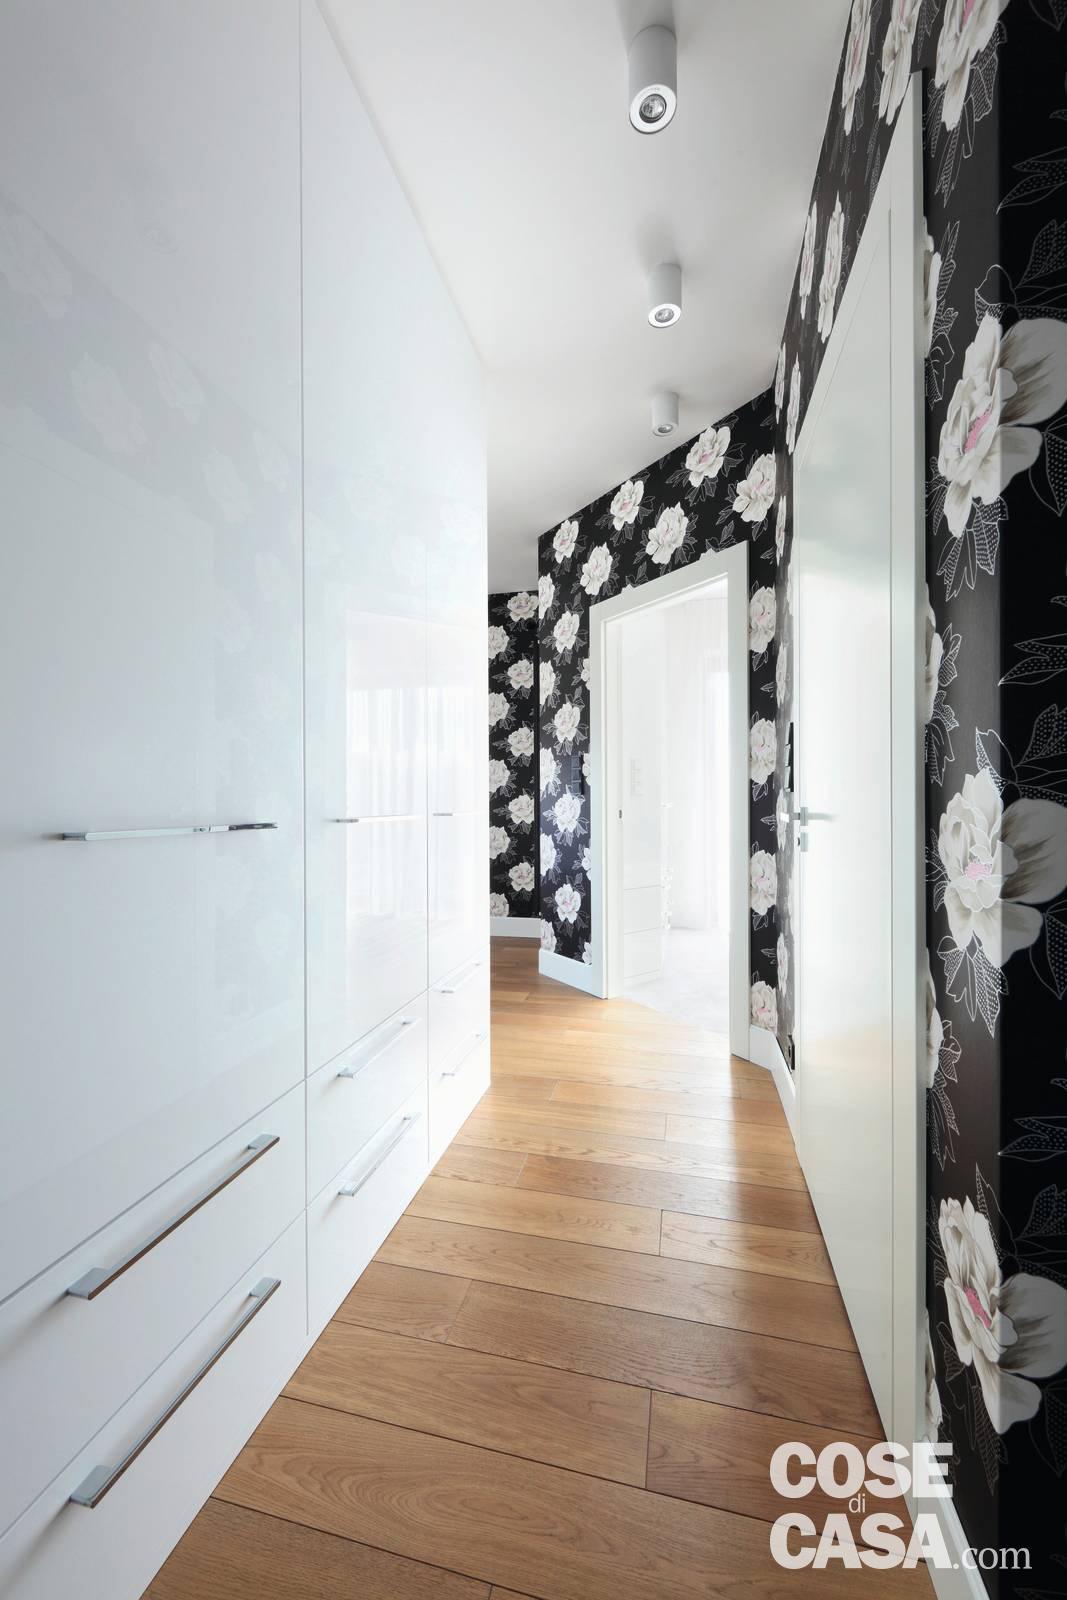 Idee Armadio A Muro Corridoio.Come Valorizzare E Arredare Il Corridoio Luci Pareti Librerie